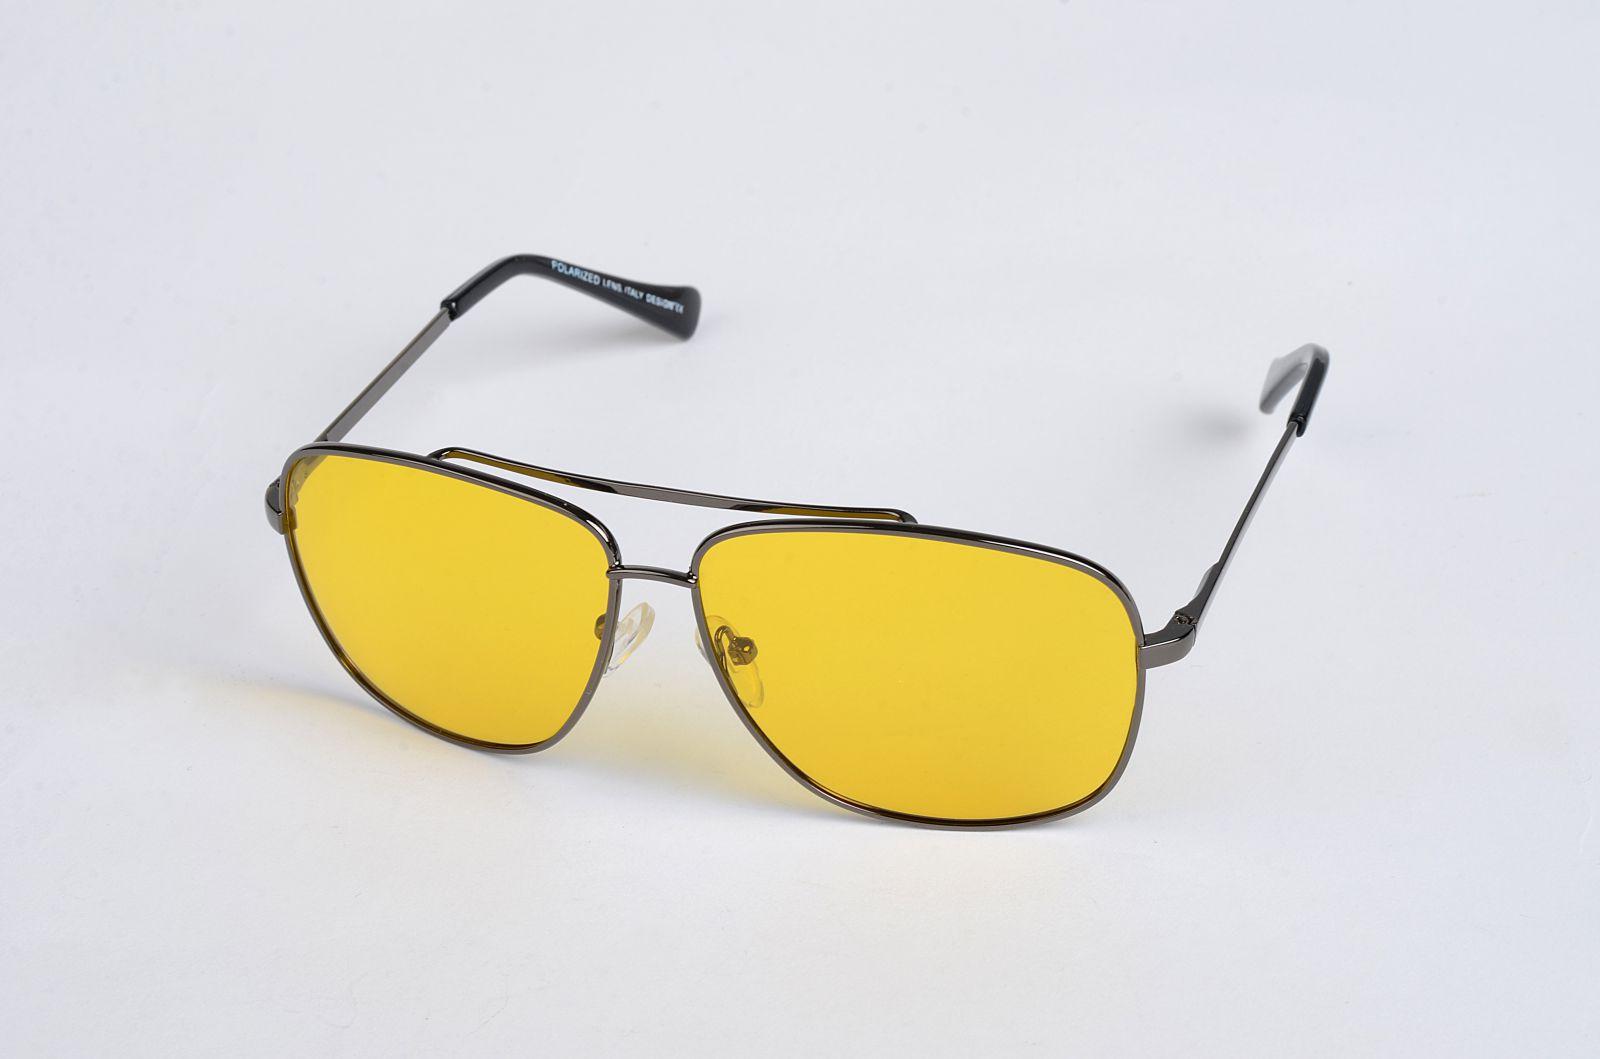 polarizační brýle do mlhy 1105 se žlutou čočkou